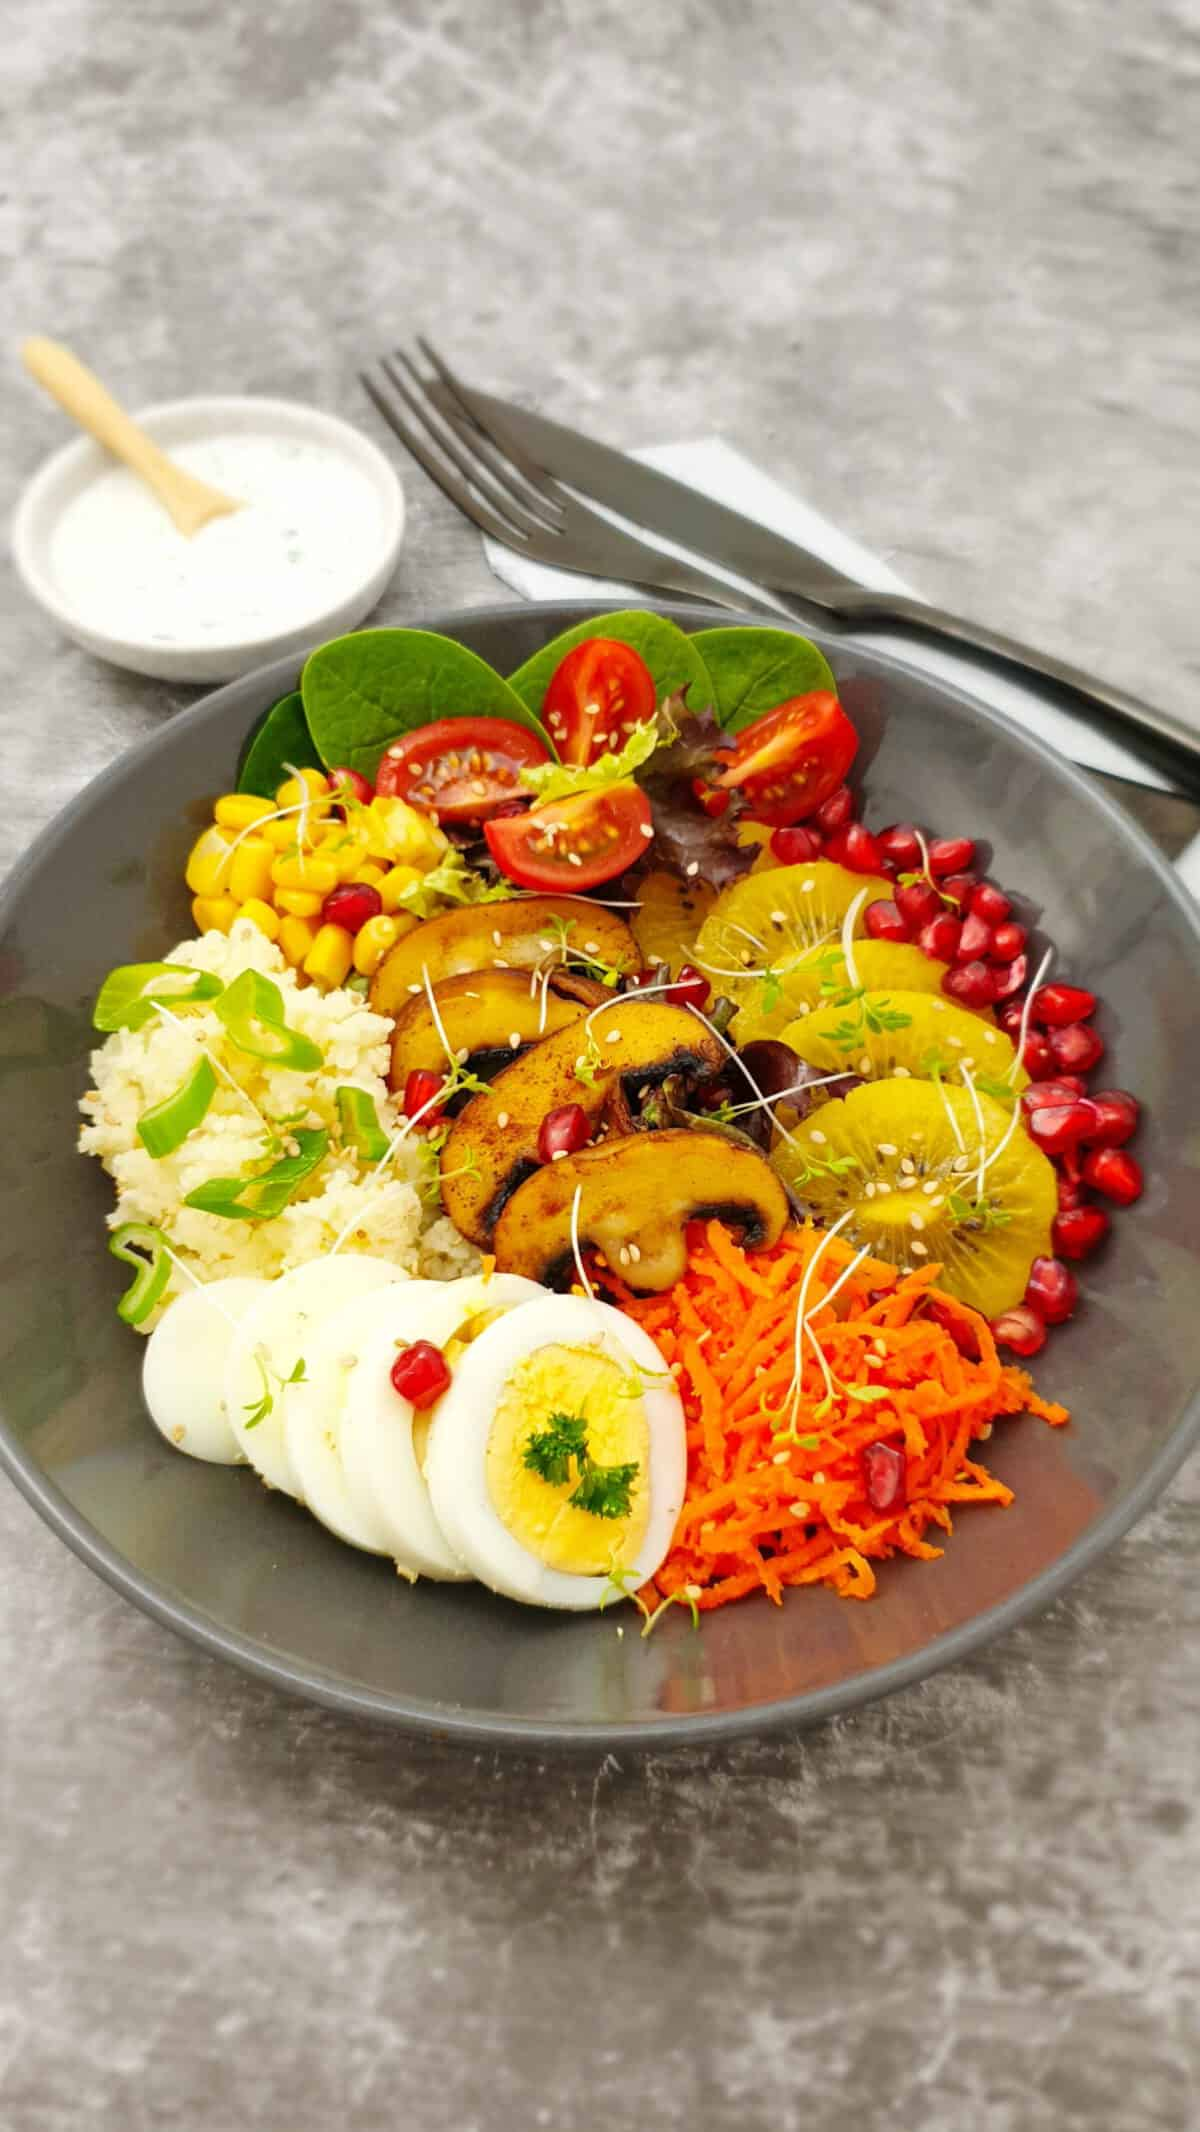 In einer braunen Schale eine Buddha Bowl mit Couscous, Gemüse, Obst und Ei.